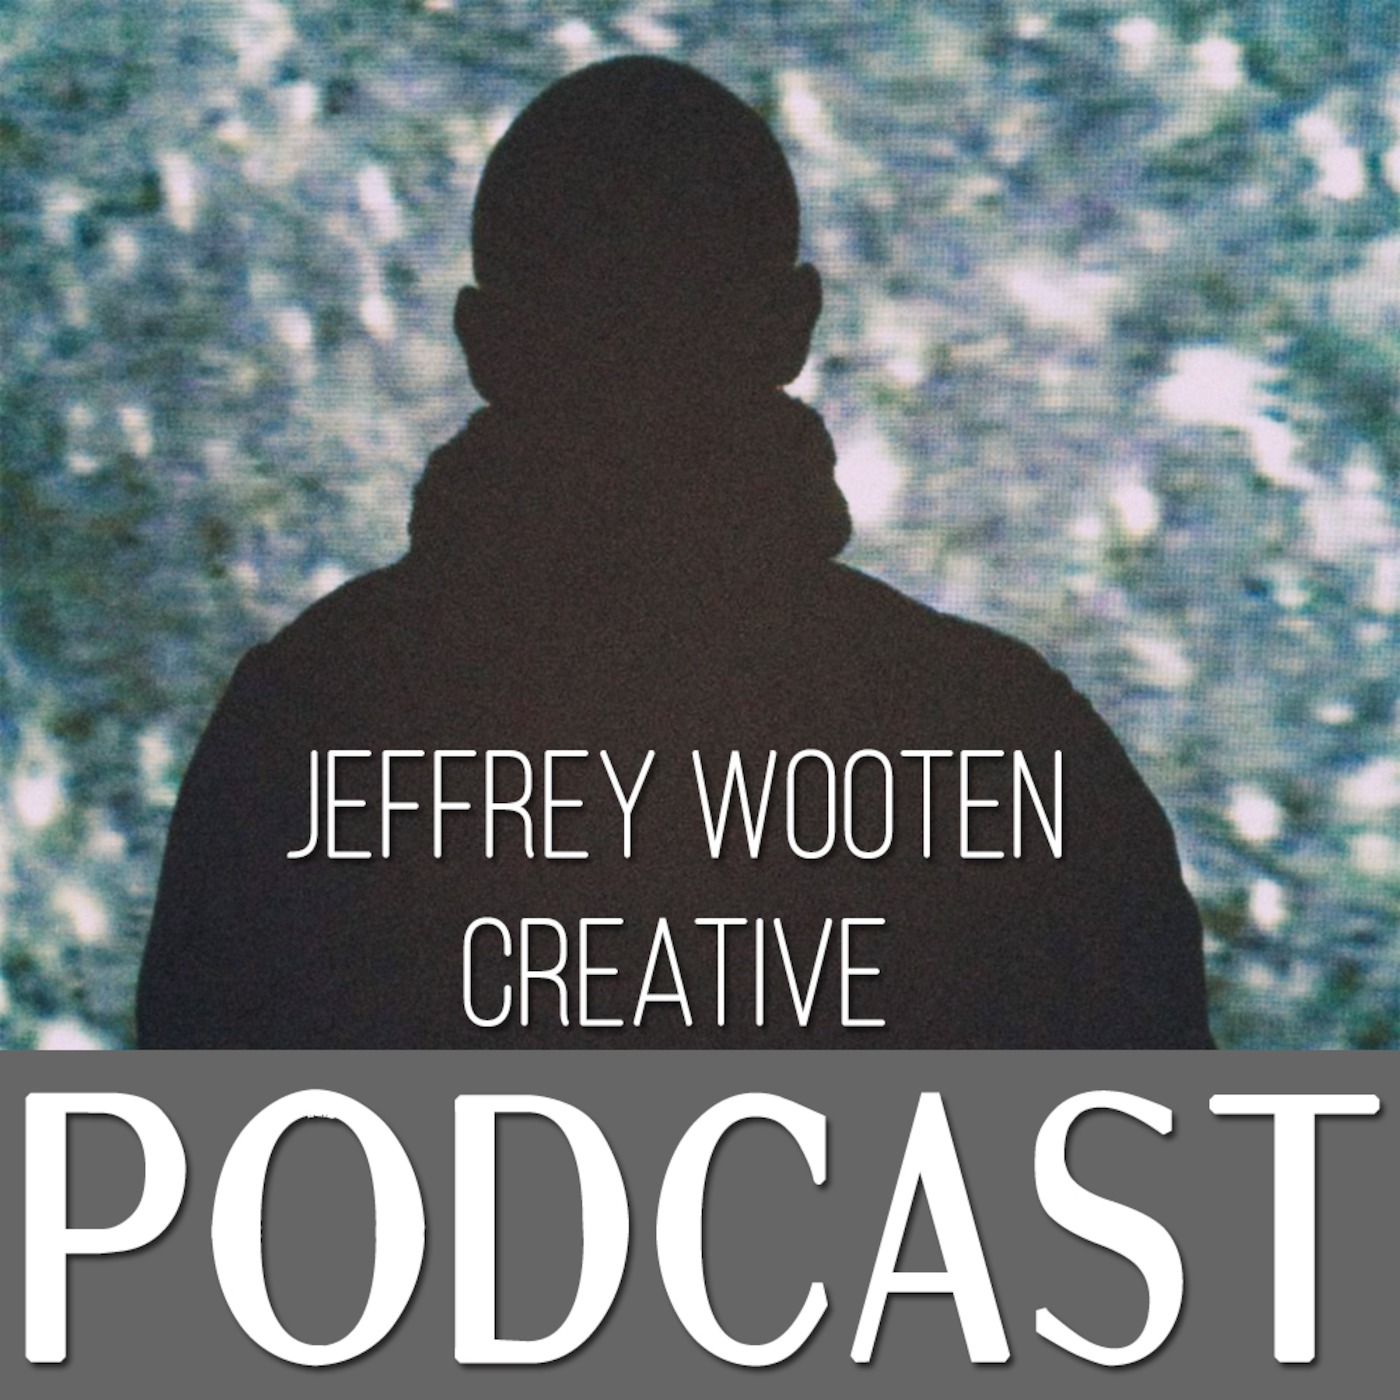 Jeffrey Wooten Creative